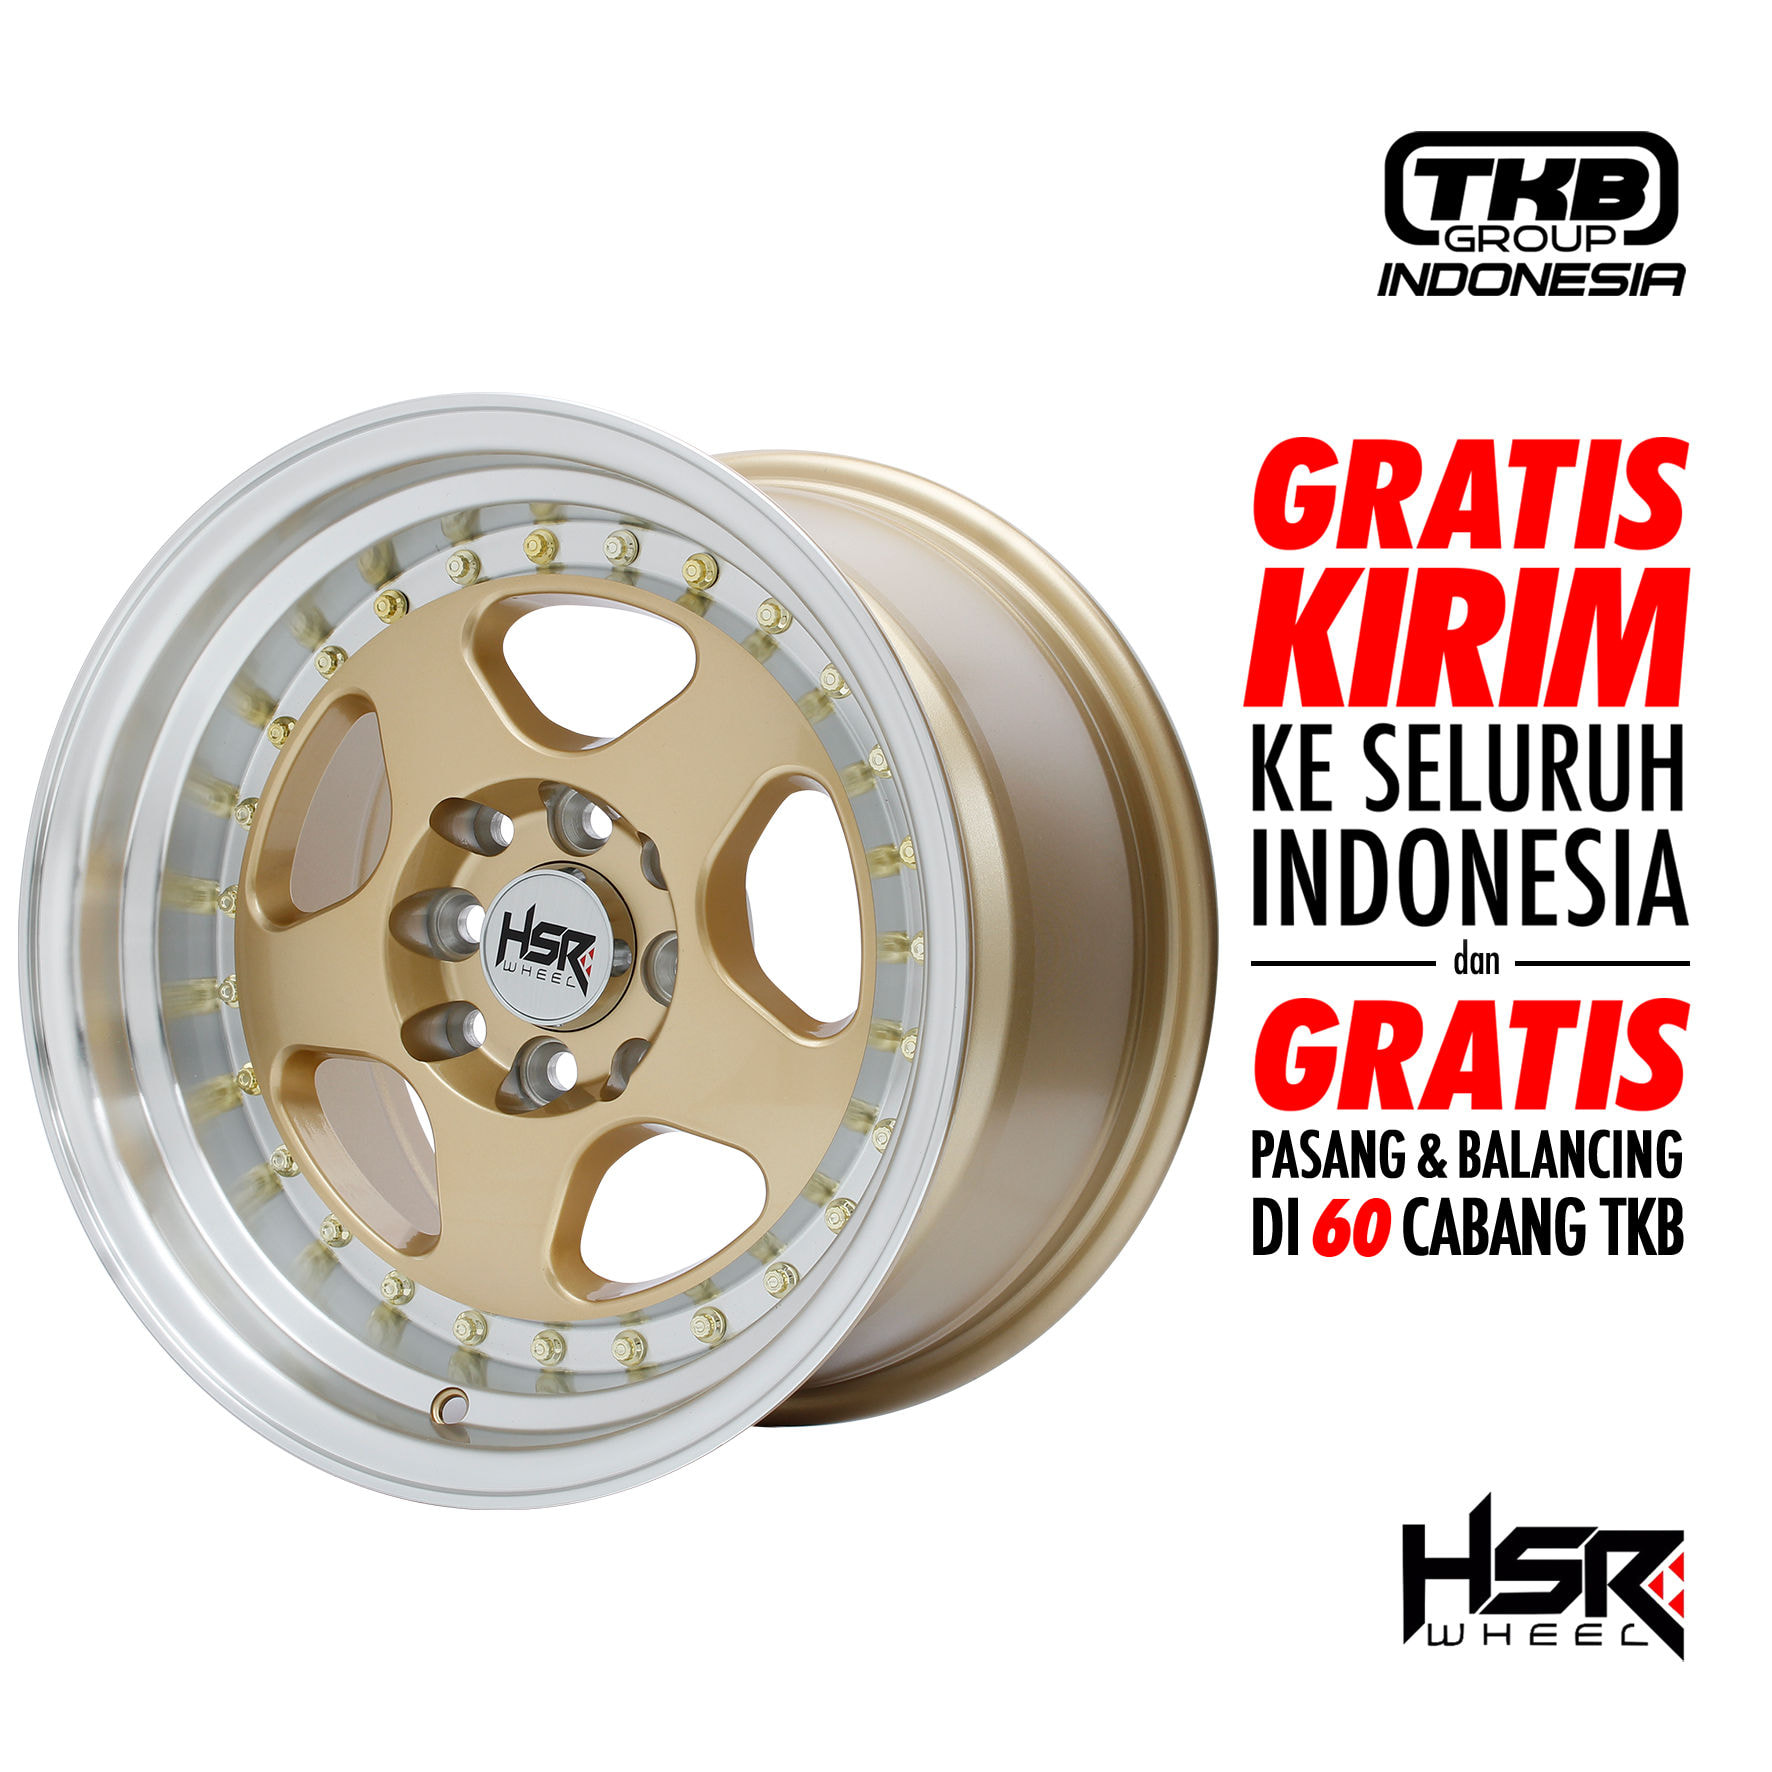 Velg Mobil Grand Livina HSR BURN H1569 R15 [LIMITED]